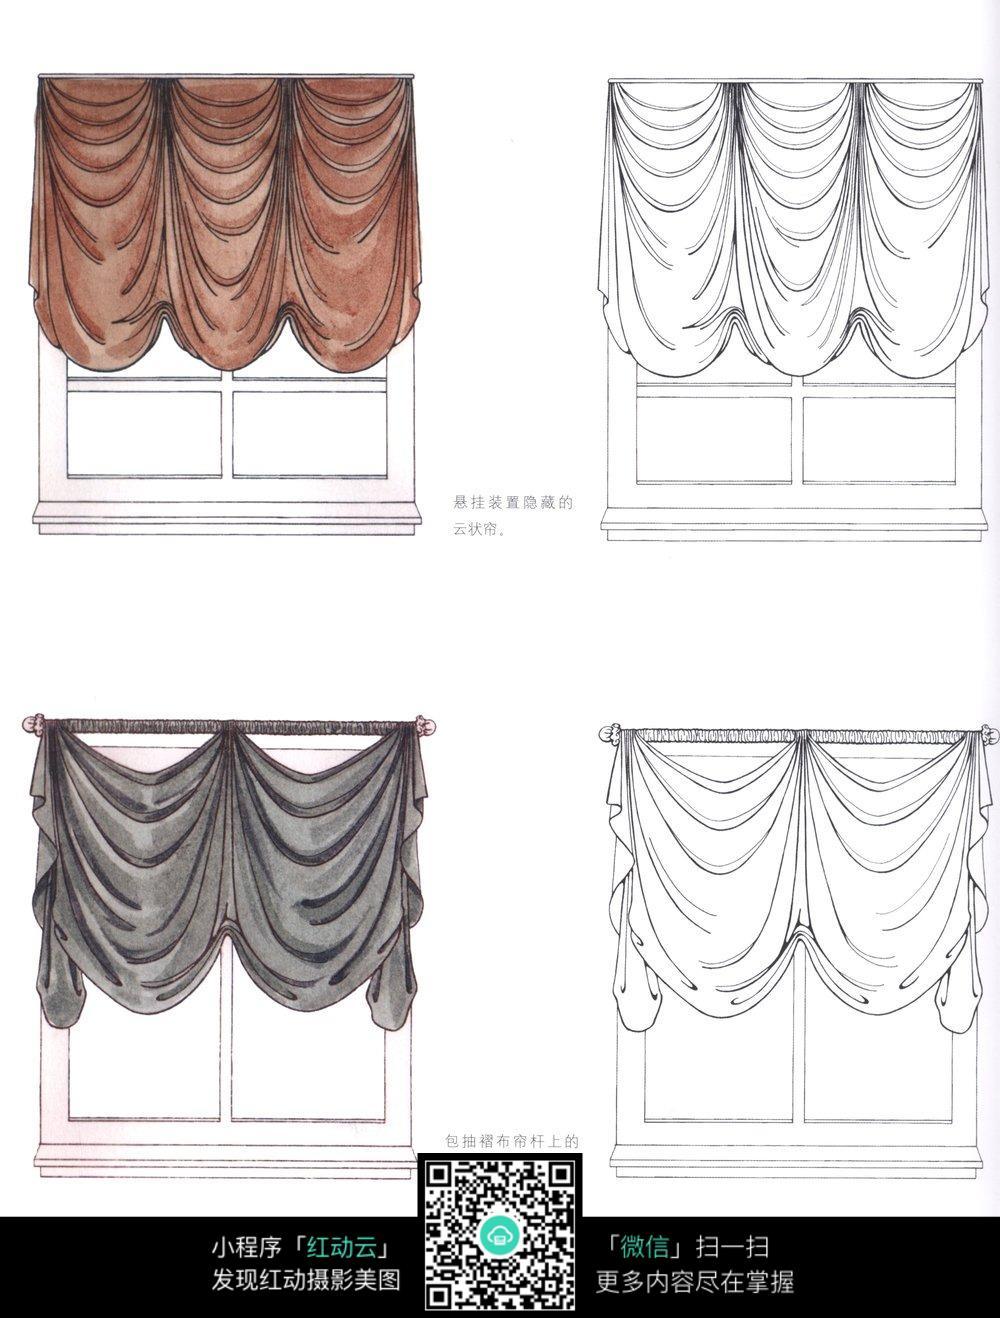 手绘窗帘装饰设计_家具电器图片